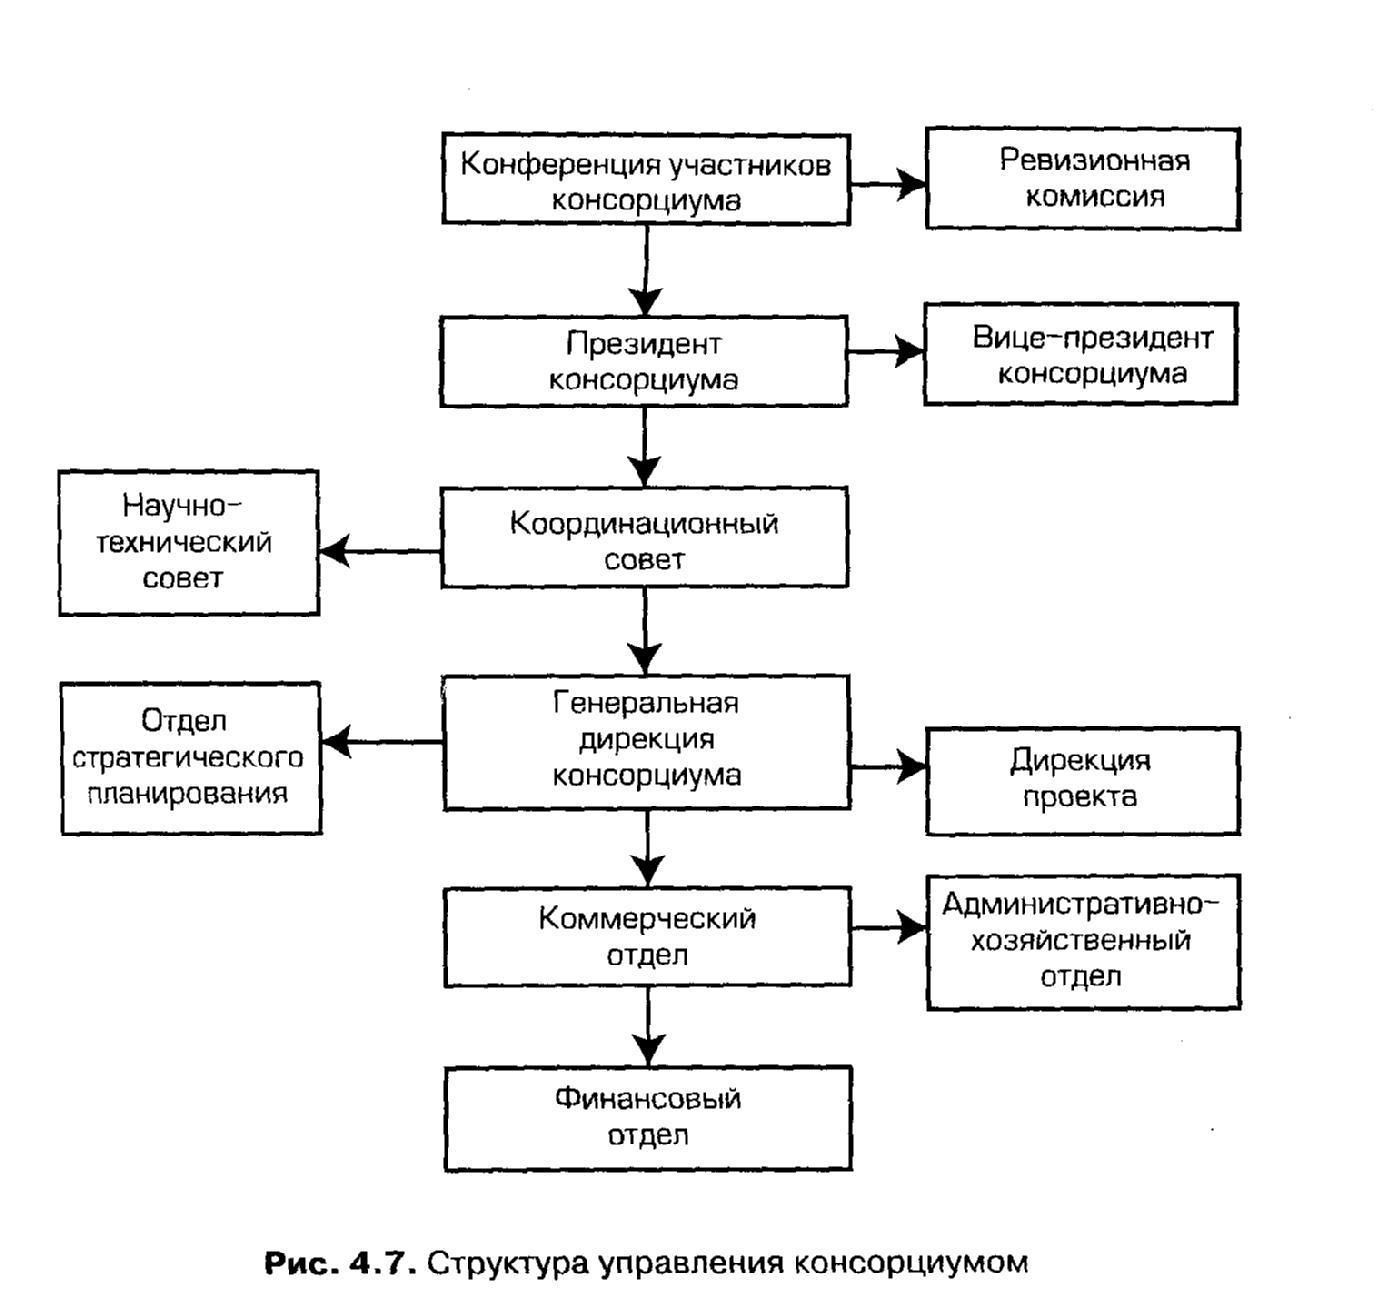 Структура управления консорциумом